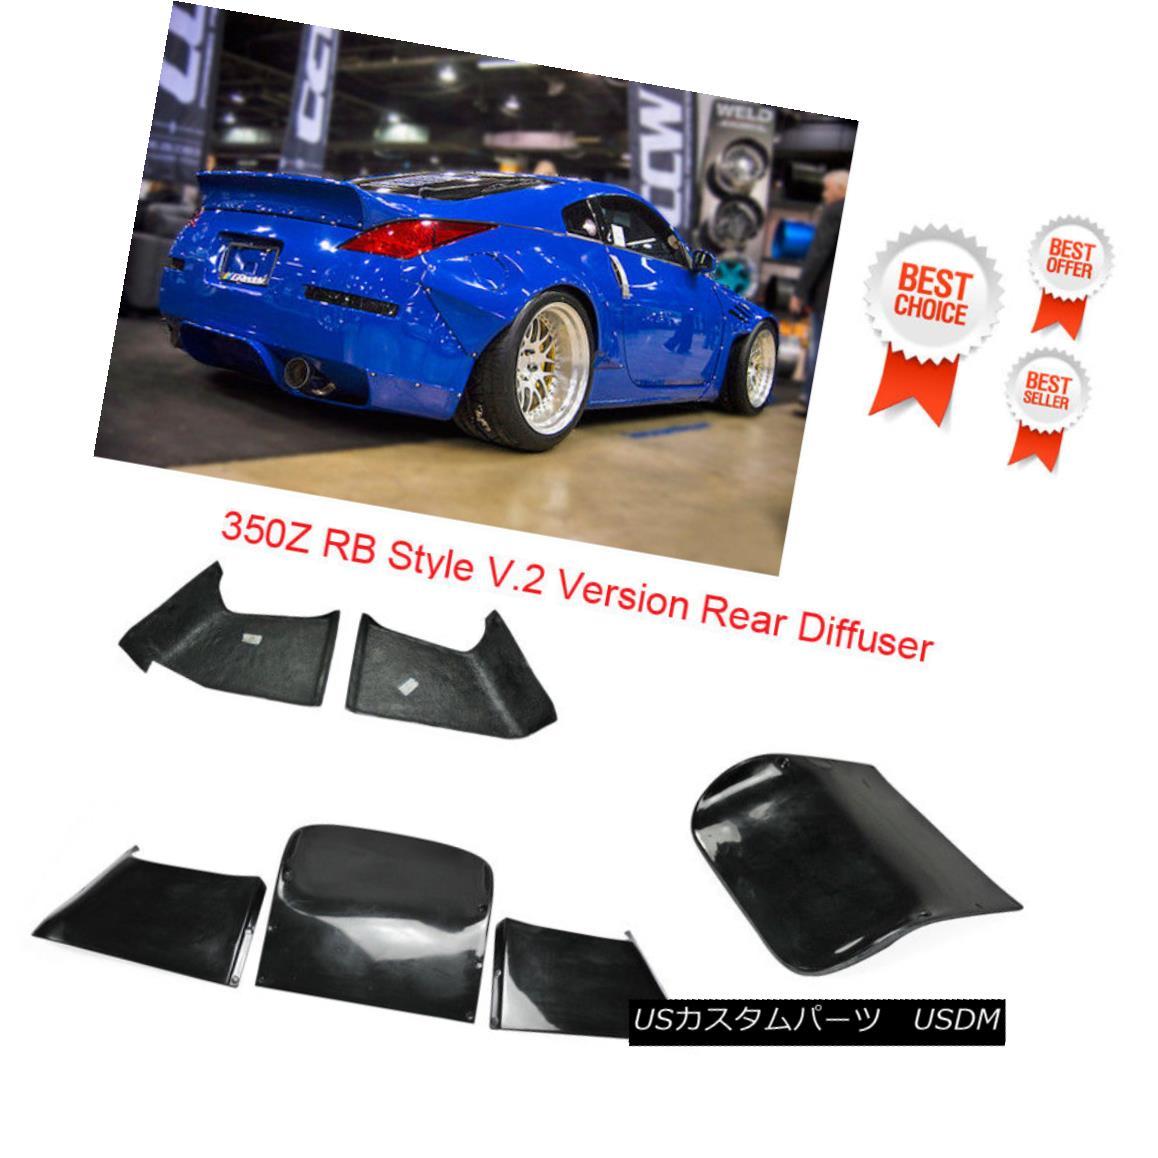 Nissan Rear FRP エアロパーツ Style Diffuser Exhaust Bumper 350z Panel Buny Under 日産350z RBバニースタイルFRPのディフューザーリップパネルの下にあるリアバンパーエキゾースト For RB Lip